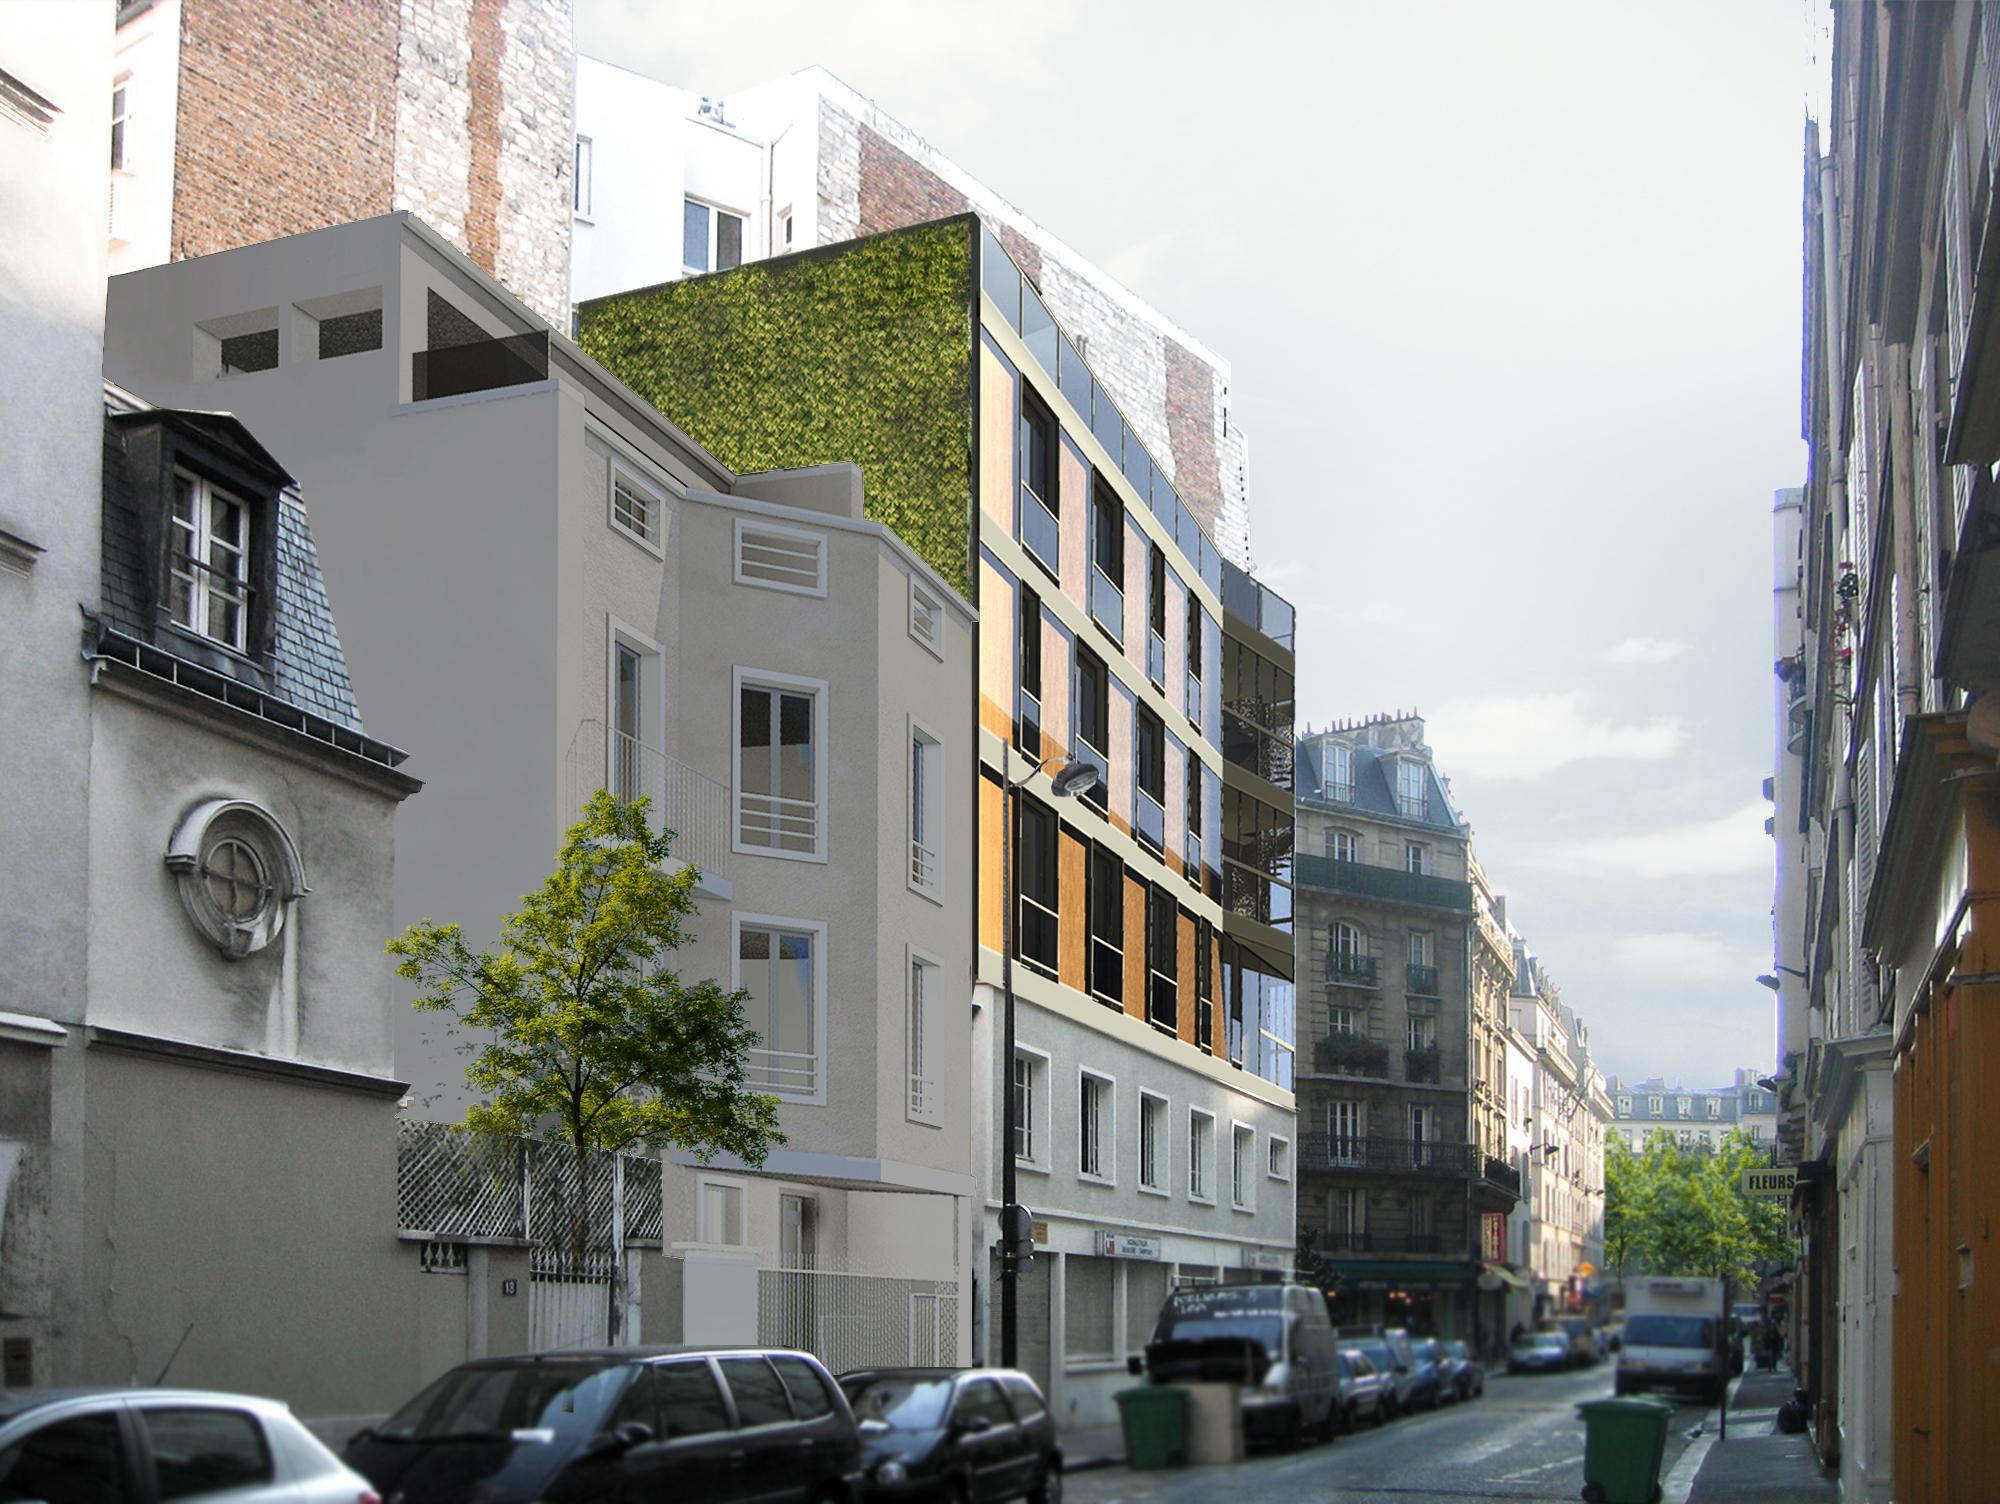 sur l vation rue de la sabli re paris 14 zoomfactor. Black Bedroom Furniture Sets. Home Design Ideas